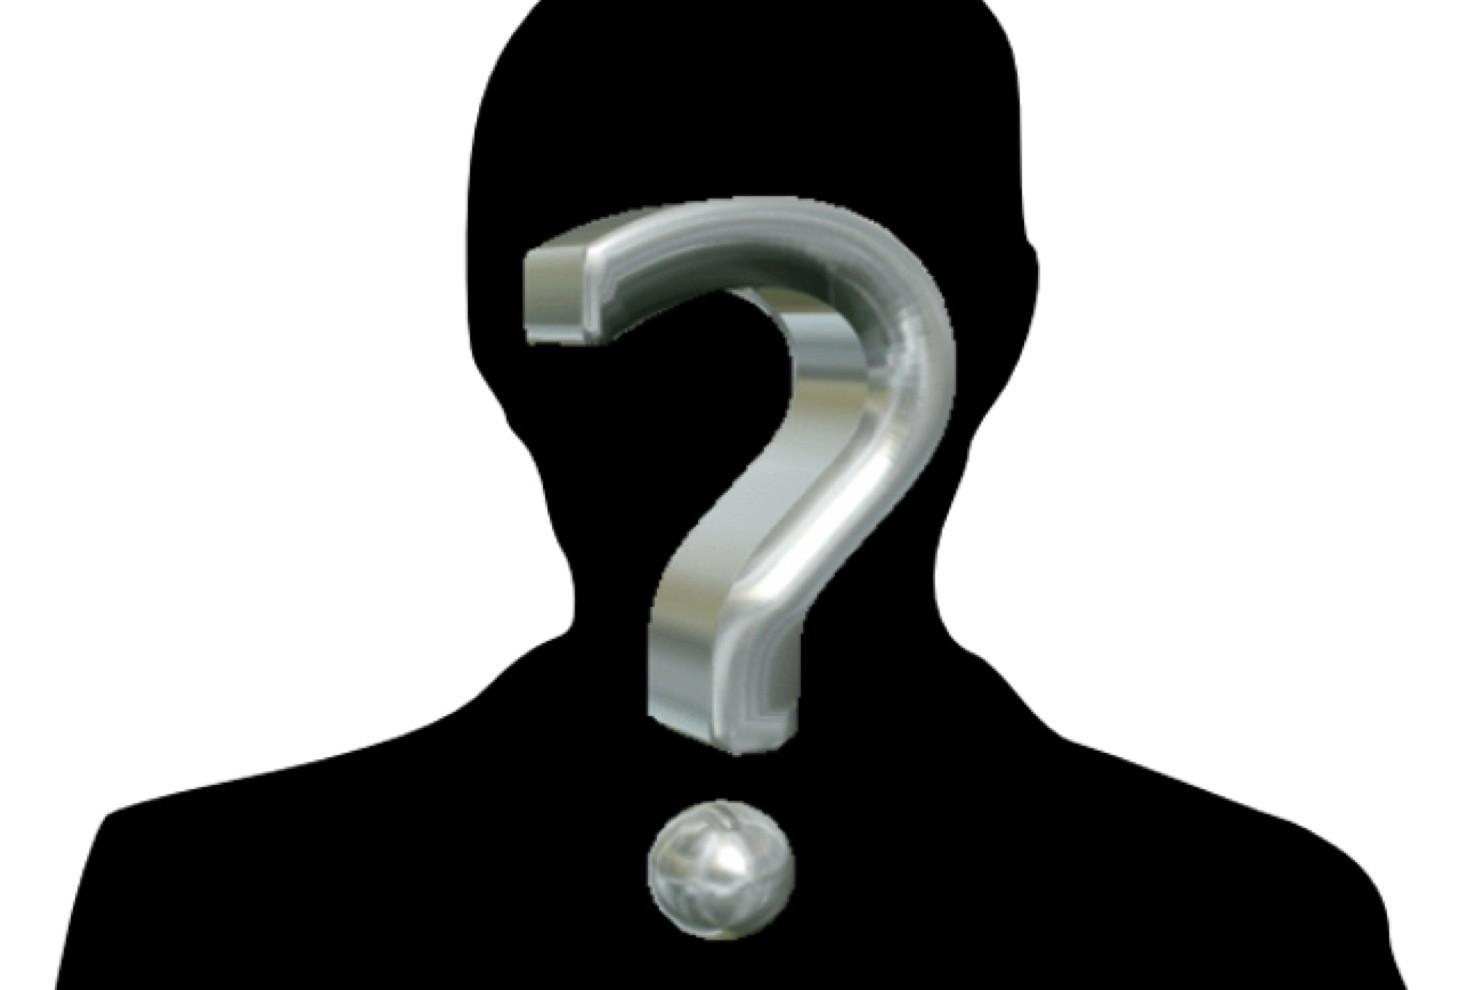 wpid-man-silhouette-question-mark.jpg